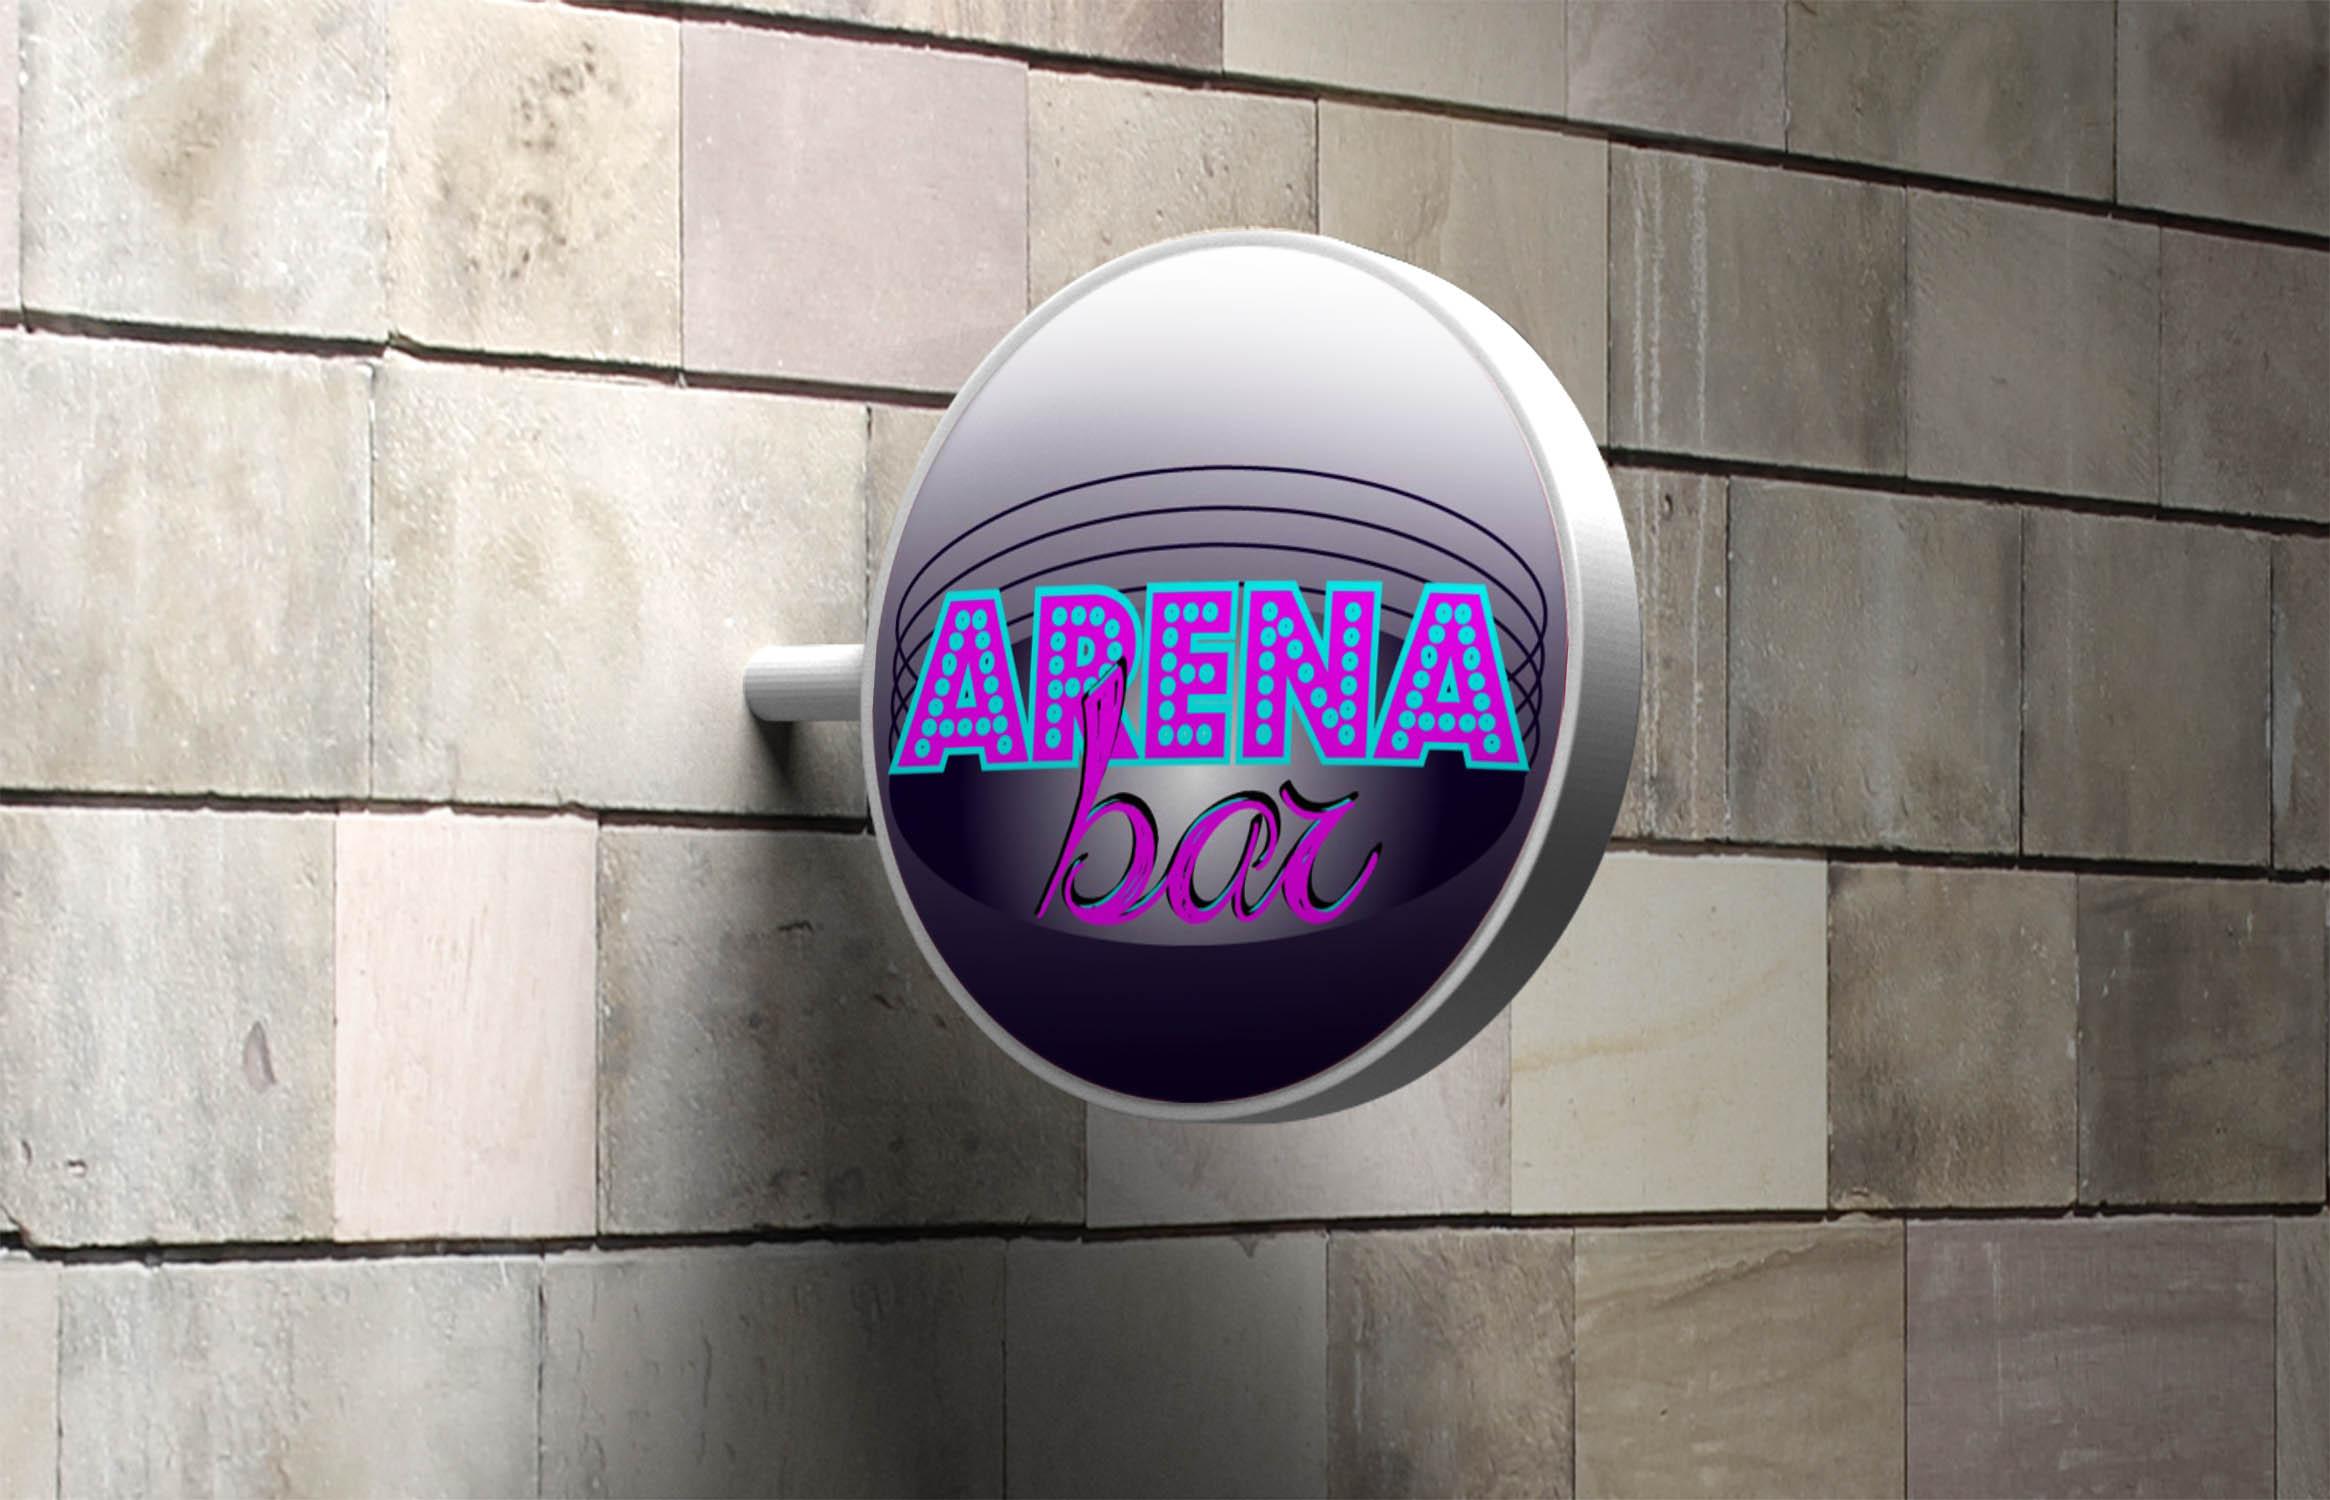 Разработка логотипа для бара! фото f_6955dcd59a0d6329.jpg